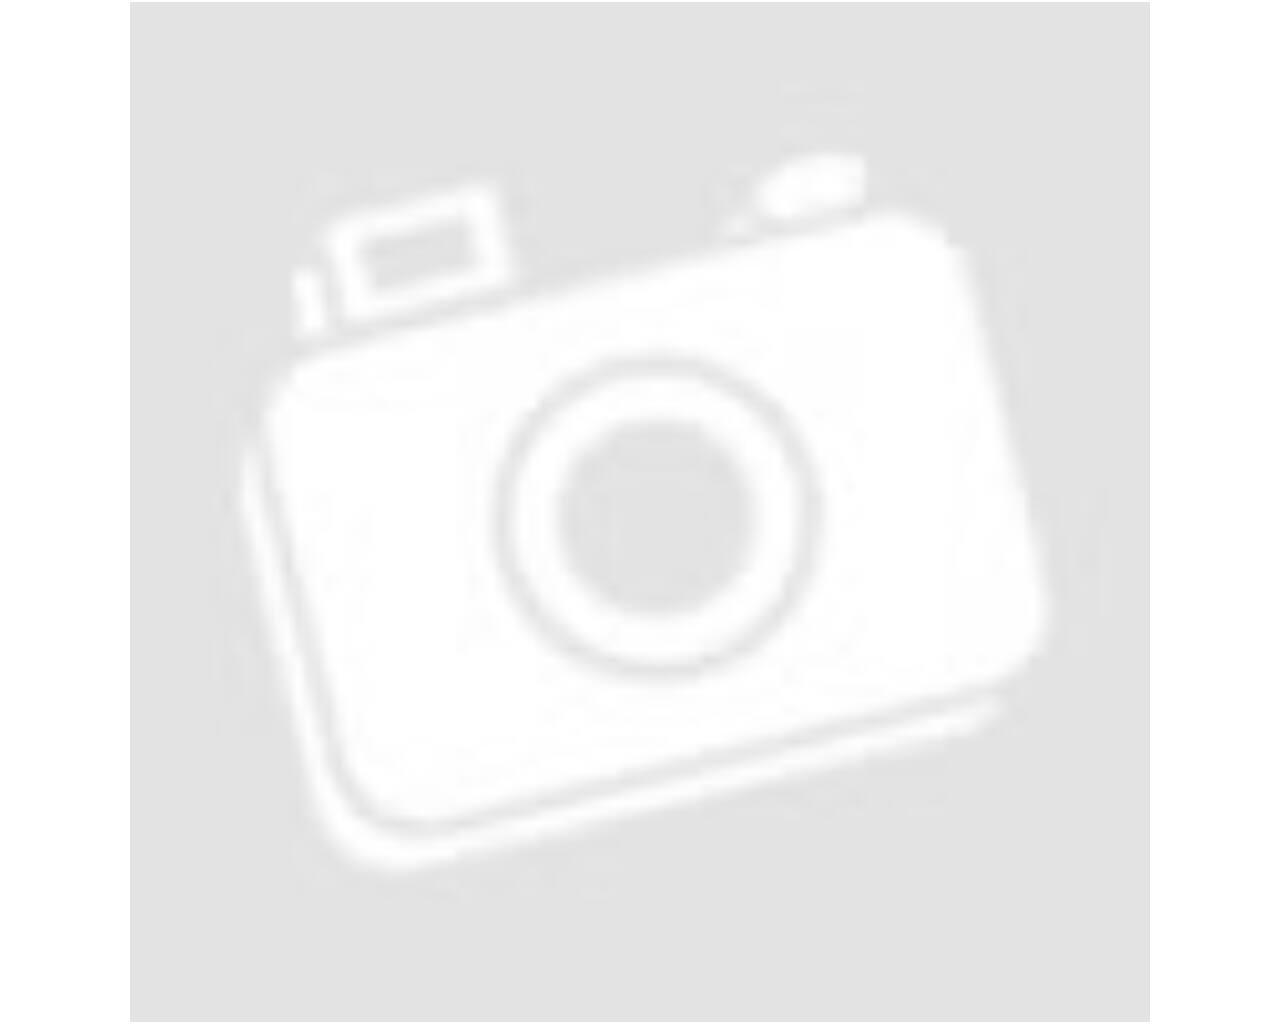 Díszcsempe Alberwood Szürke Fényes 20,2 x 40,2 cm